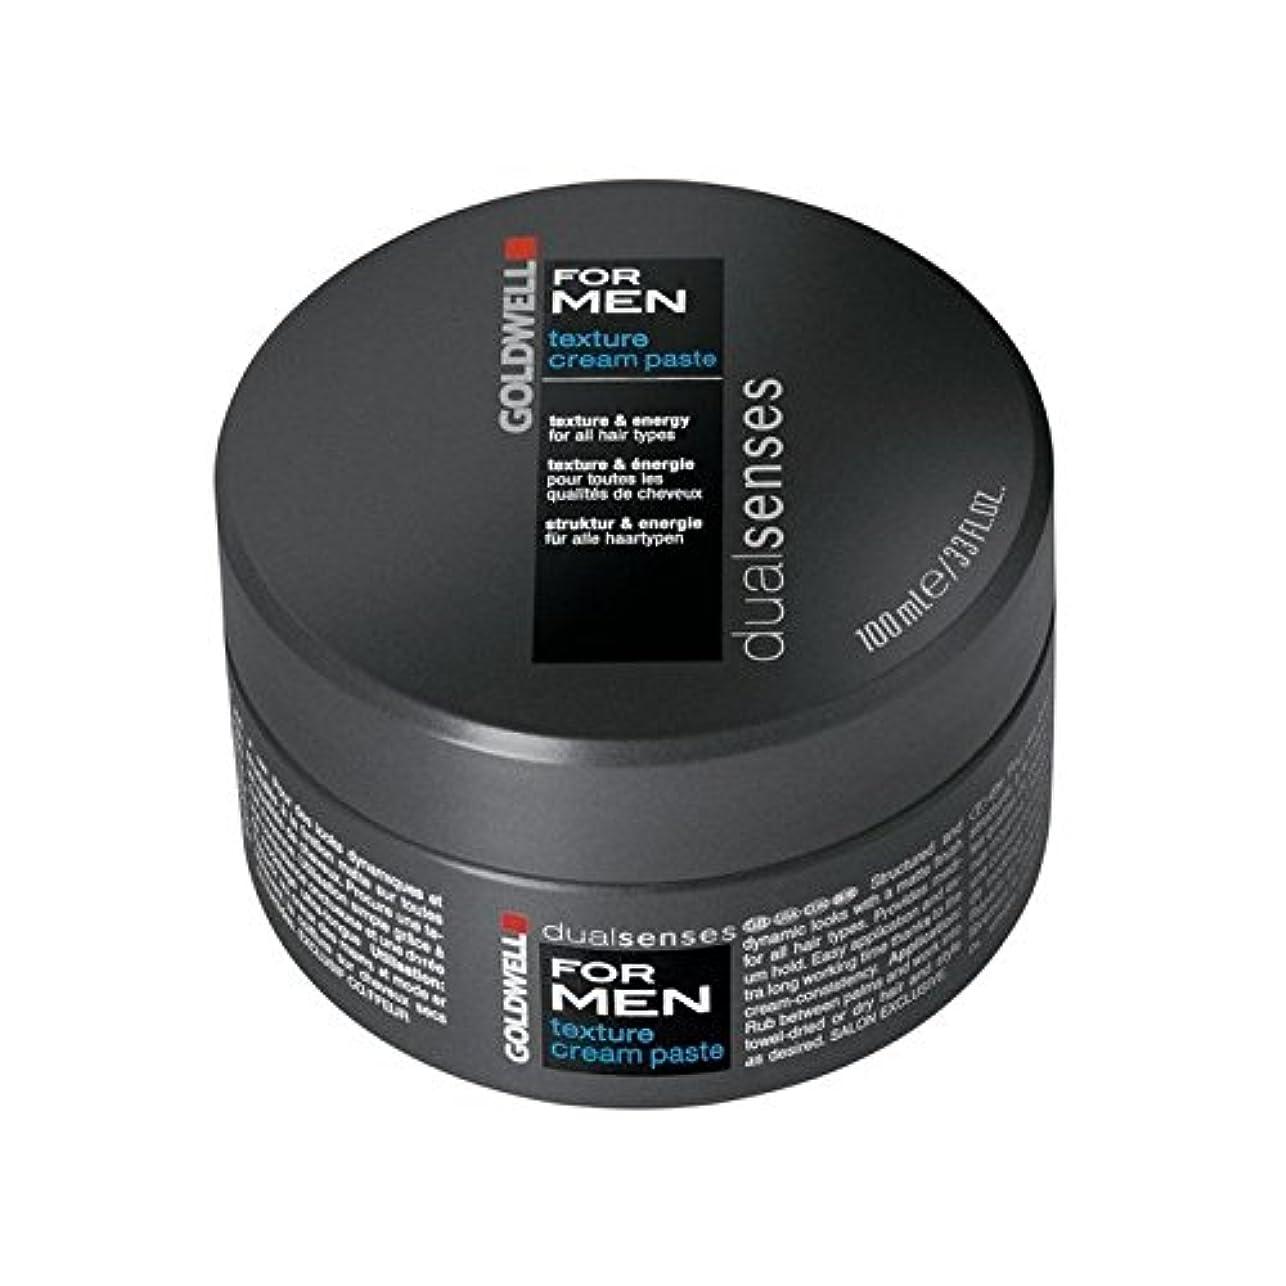 学習者計算クラウドGoldwell Dualsenses For Men Texture Cream Paste (100ml) - 男性のテクスチャーのクリームペースト(100ミリリットル)のためのの [並行輸入品]